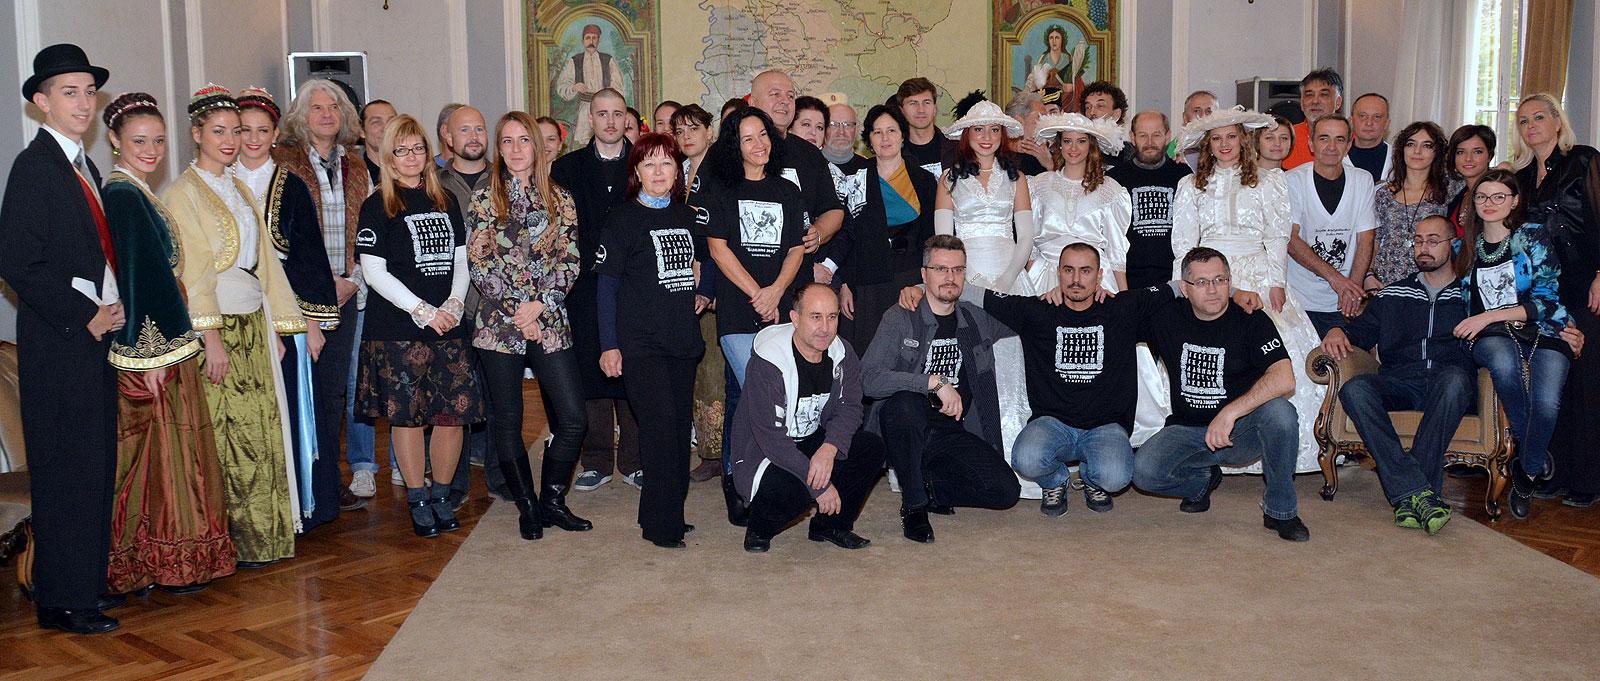 Učesnici Kolonije u Gradskom zdanju